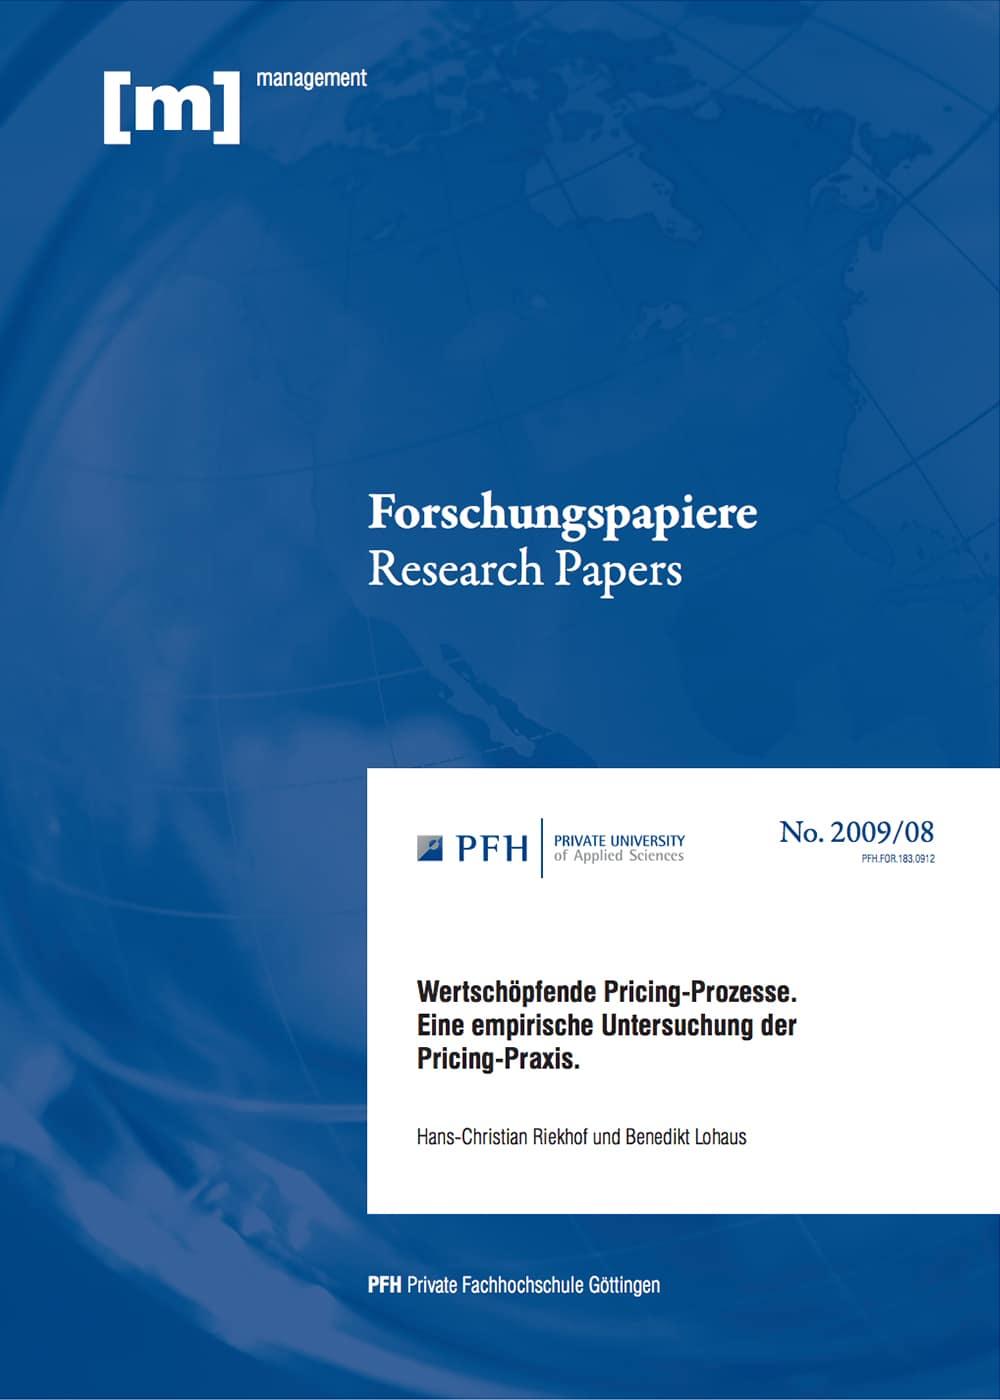 Wertschöpfende Pricing-Prozesse